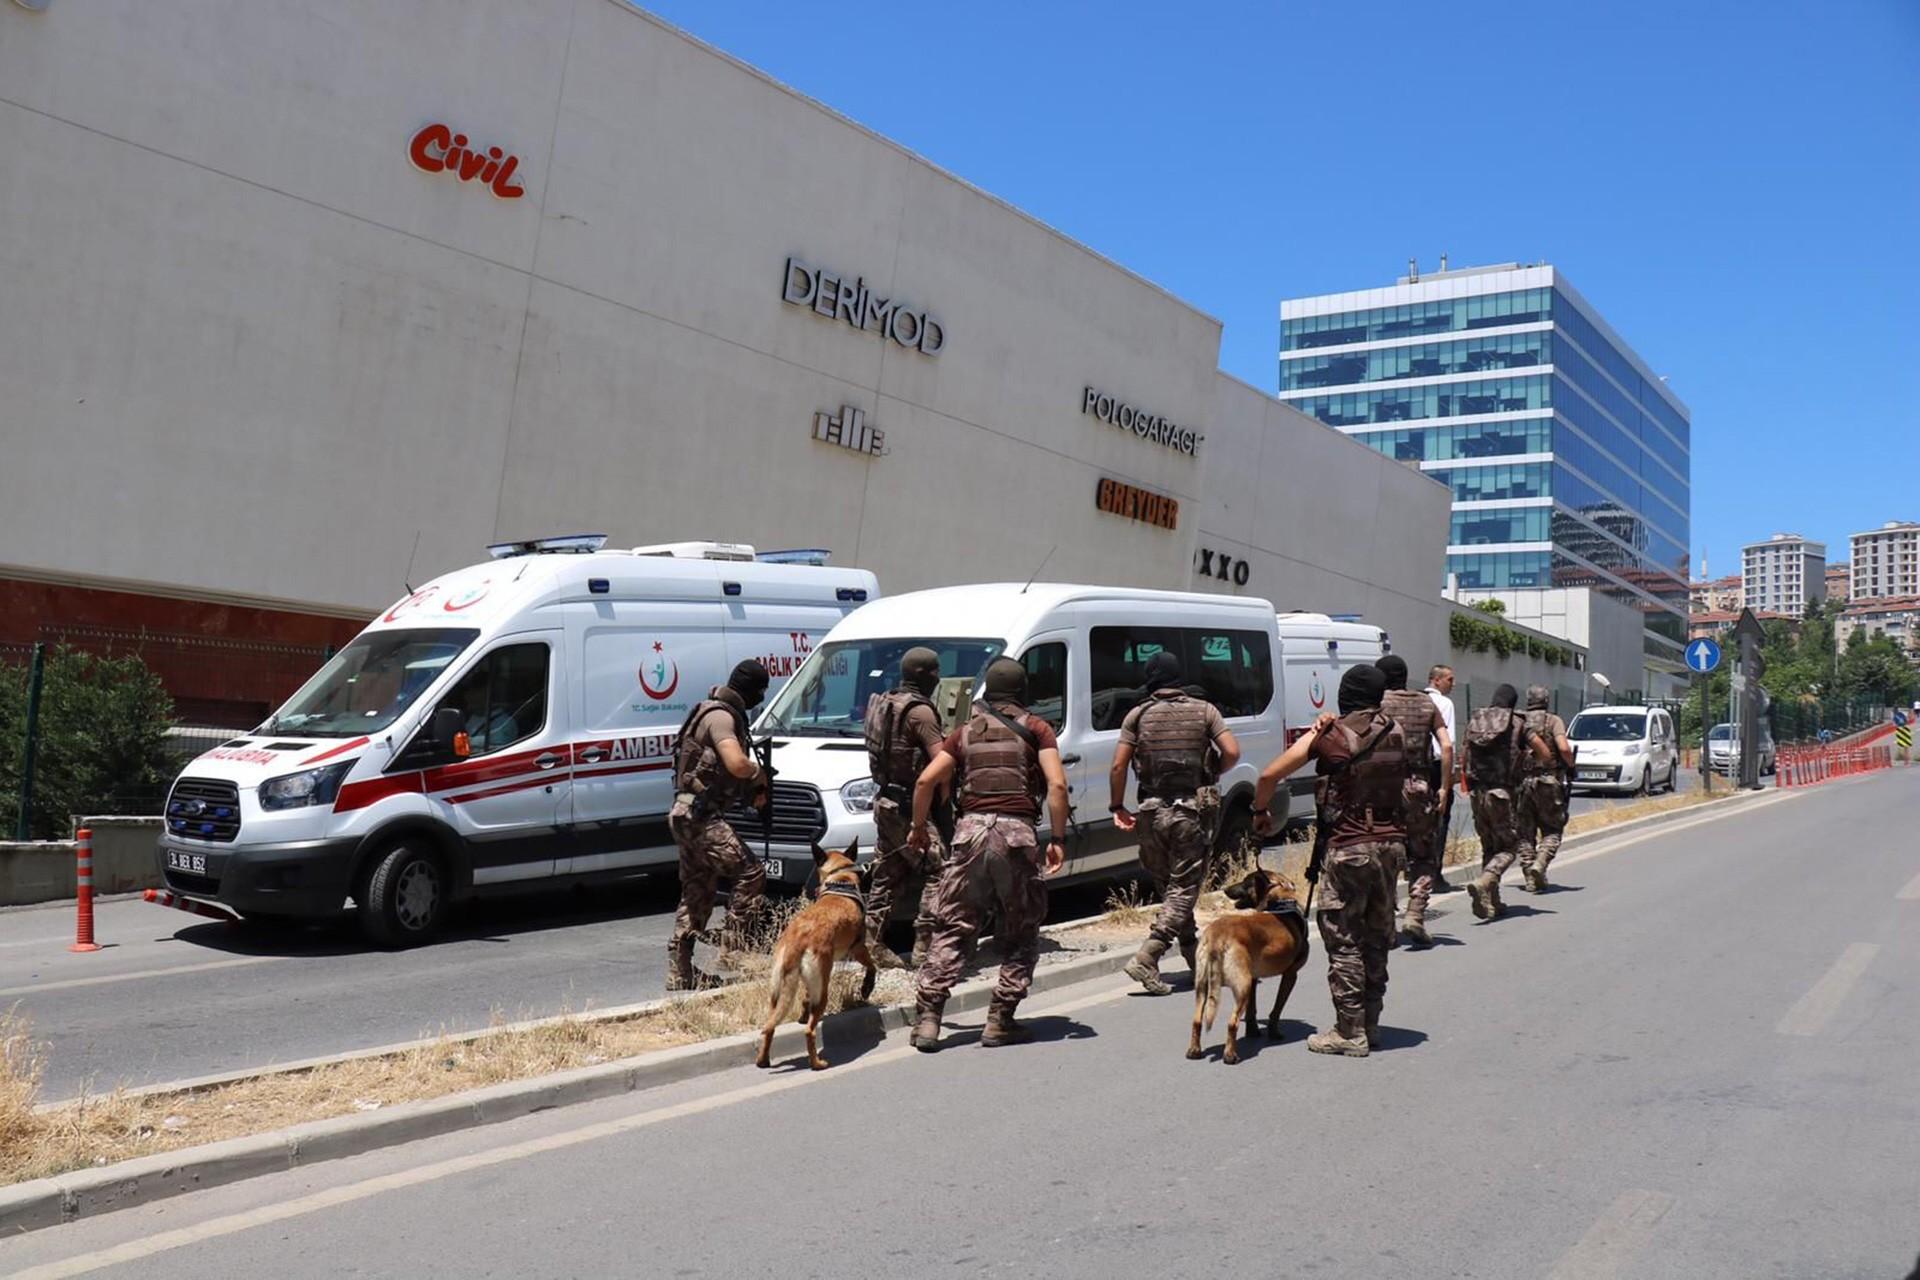 Maltepe'de bir AVM'de intihar girişiminde bulunan kişi ikna edildi